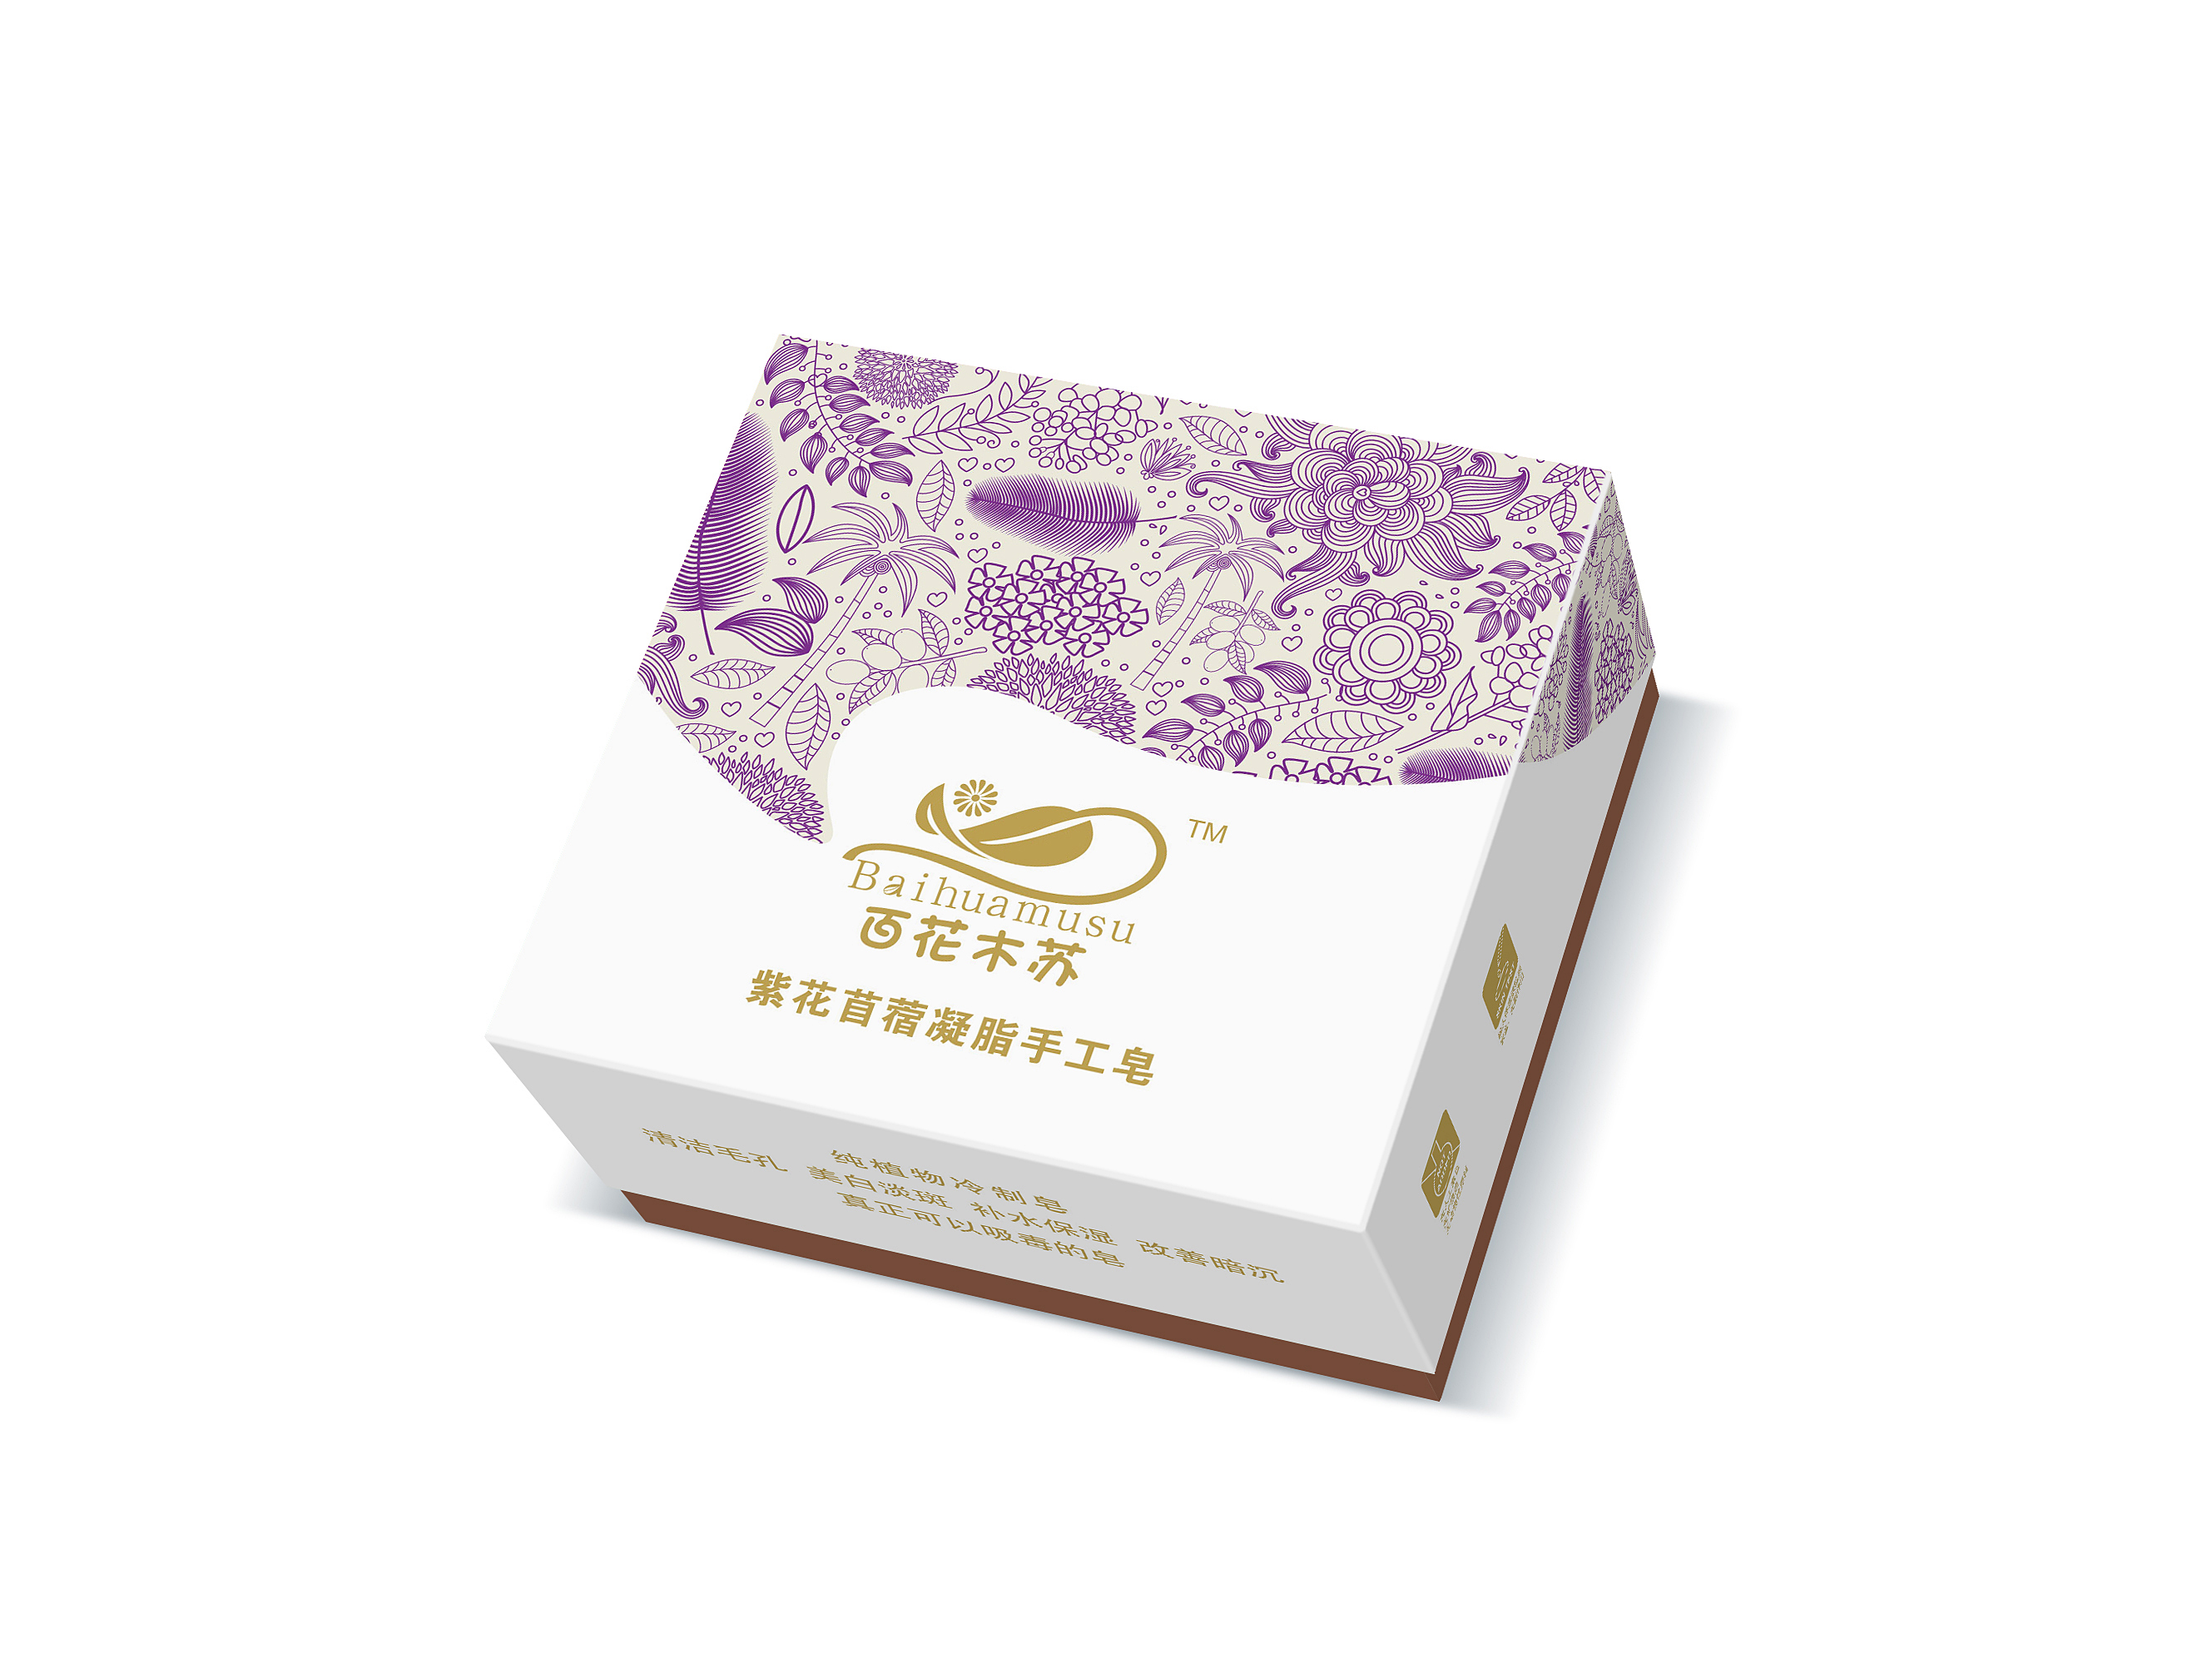 香皂包装设计赏析_深圳是也品牌设计